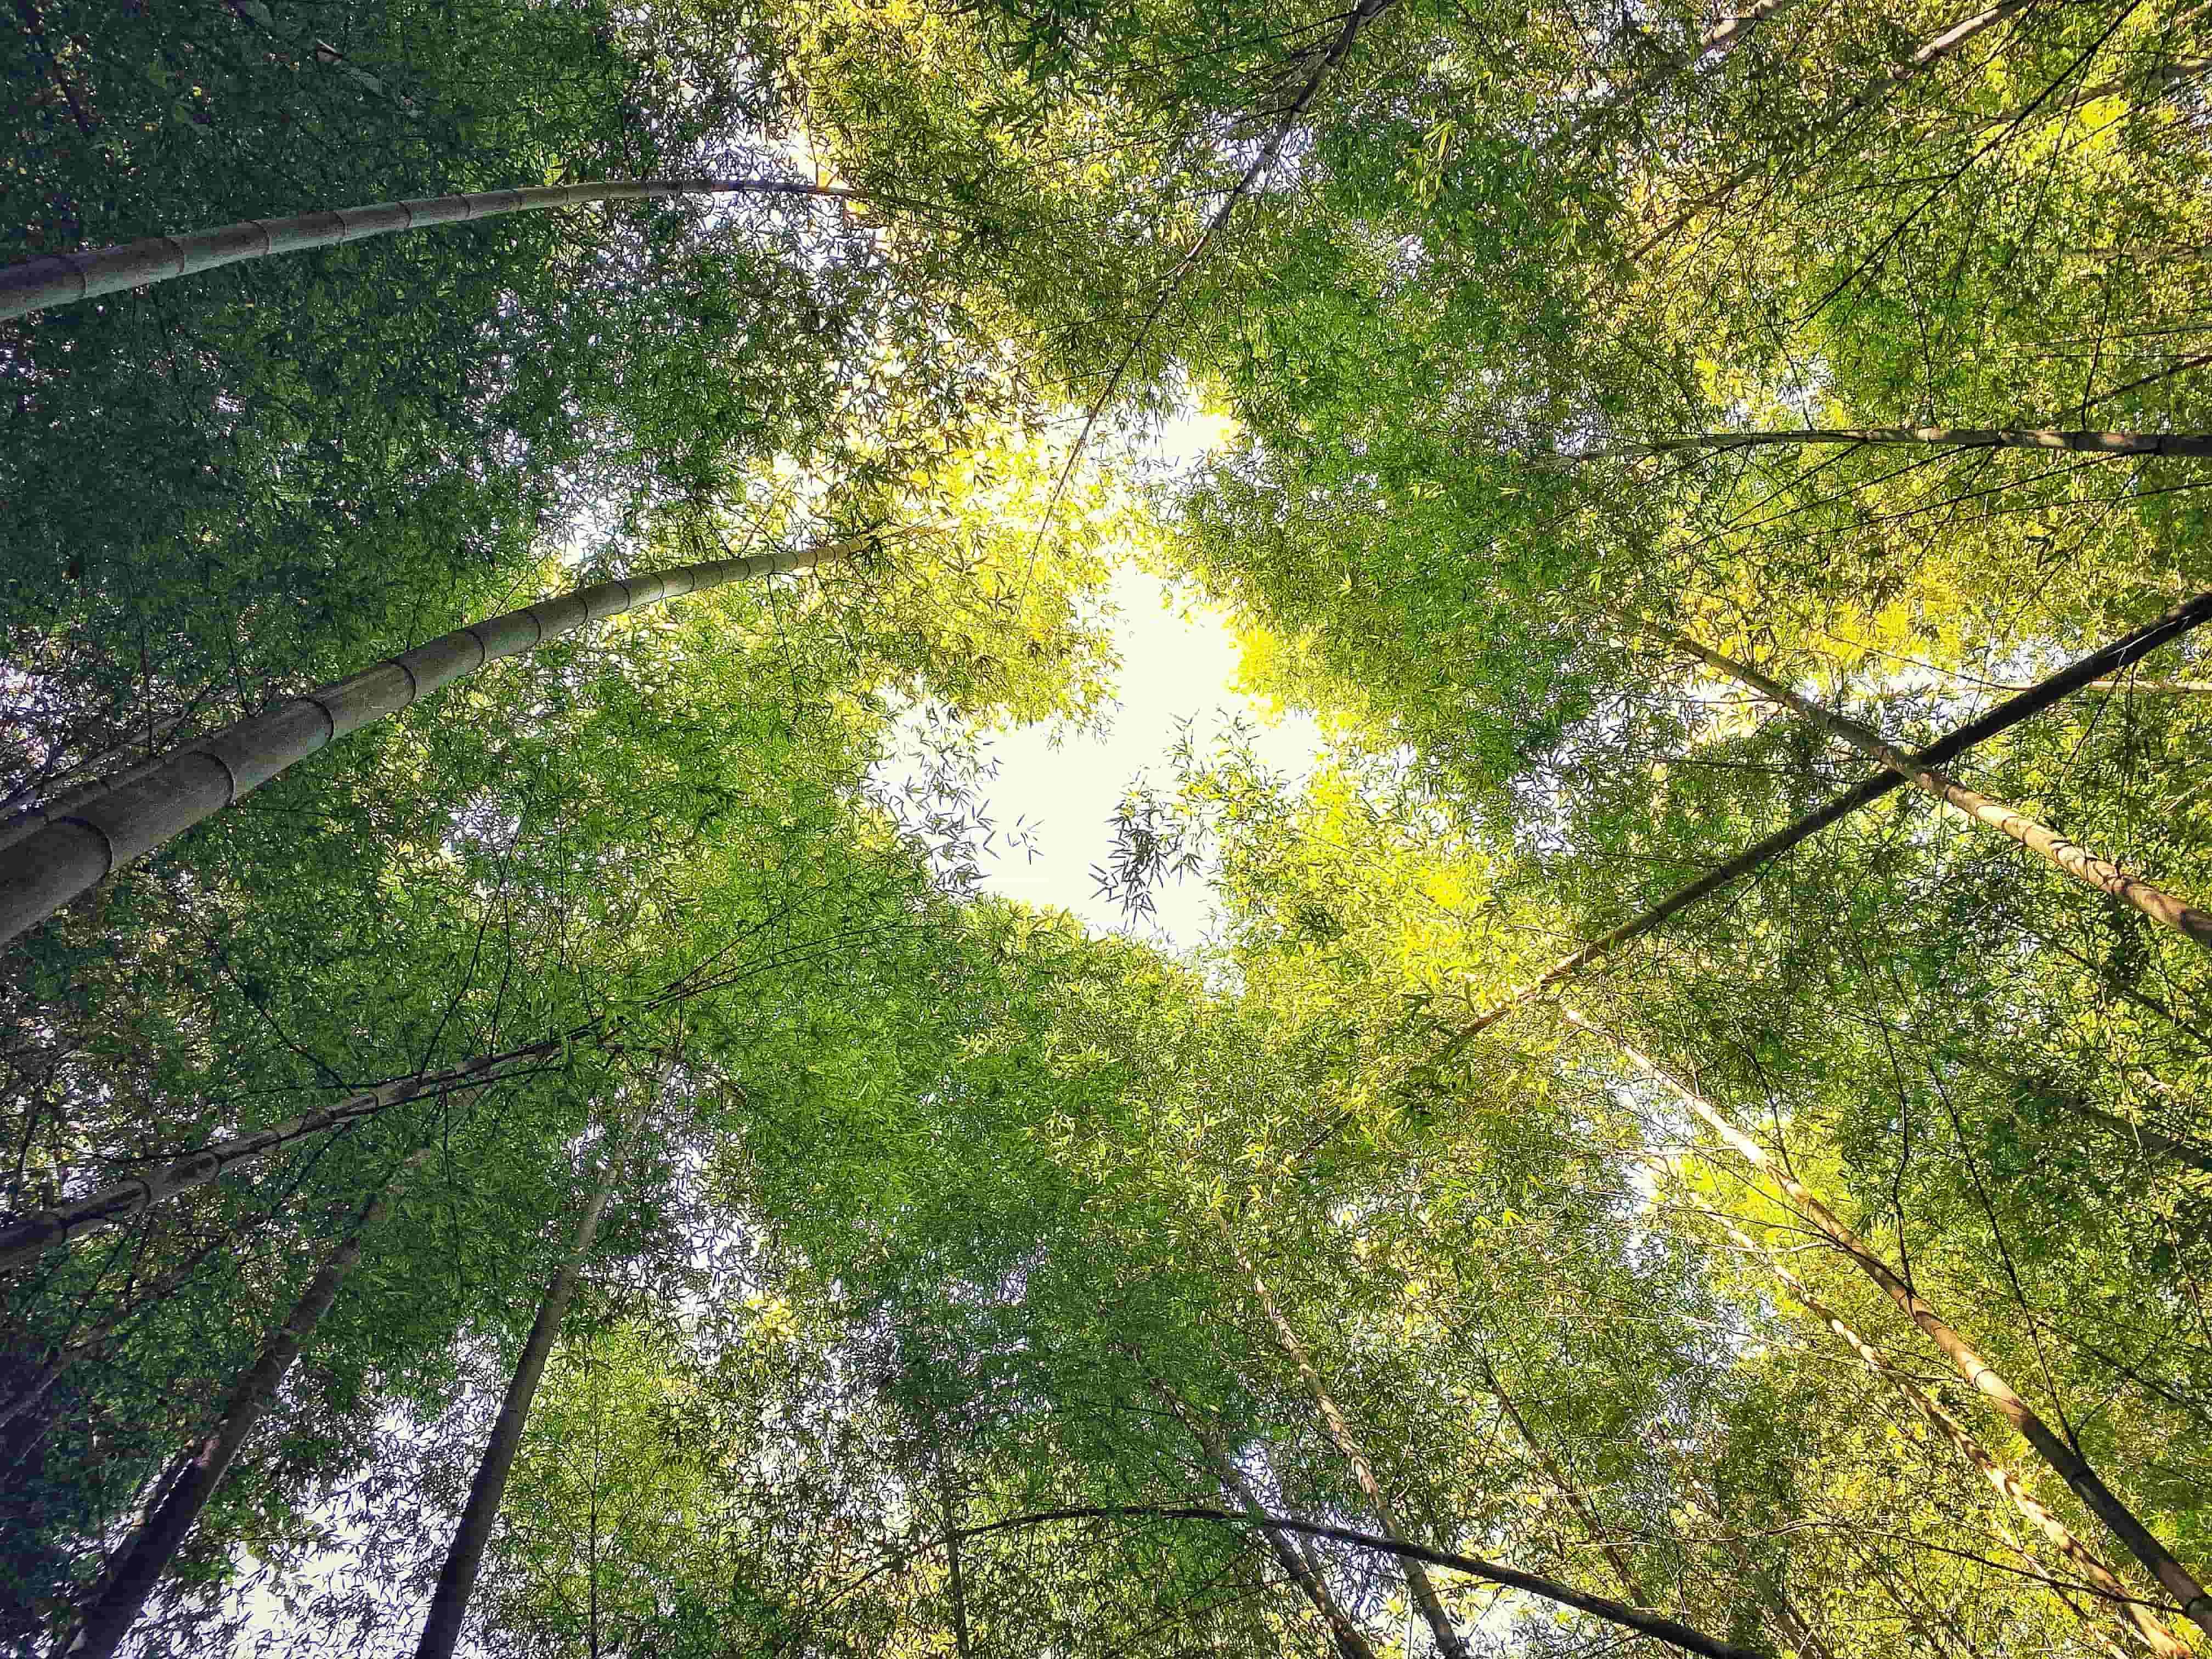 翠绿金黄的竹林